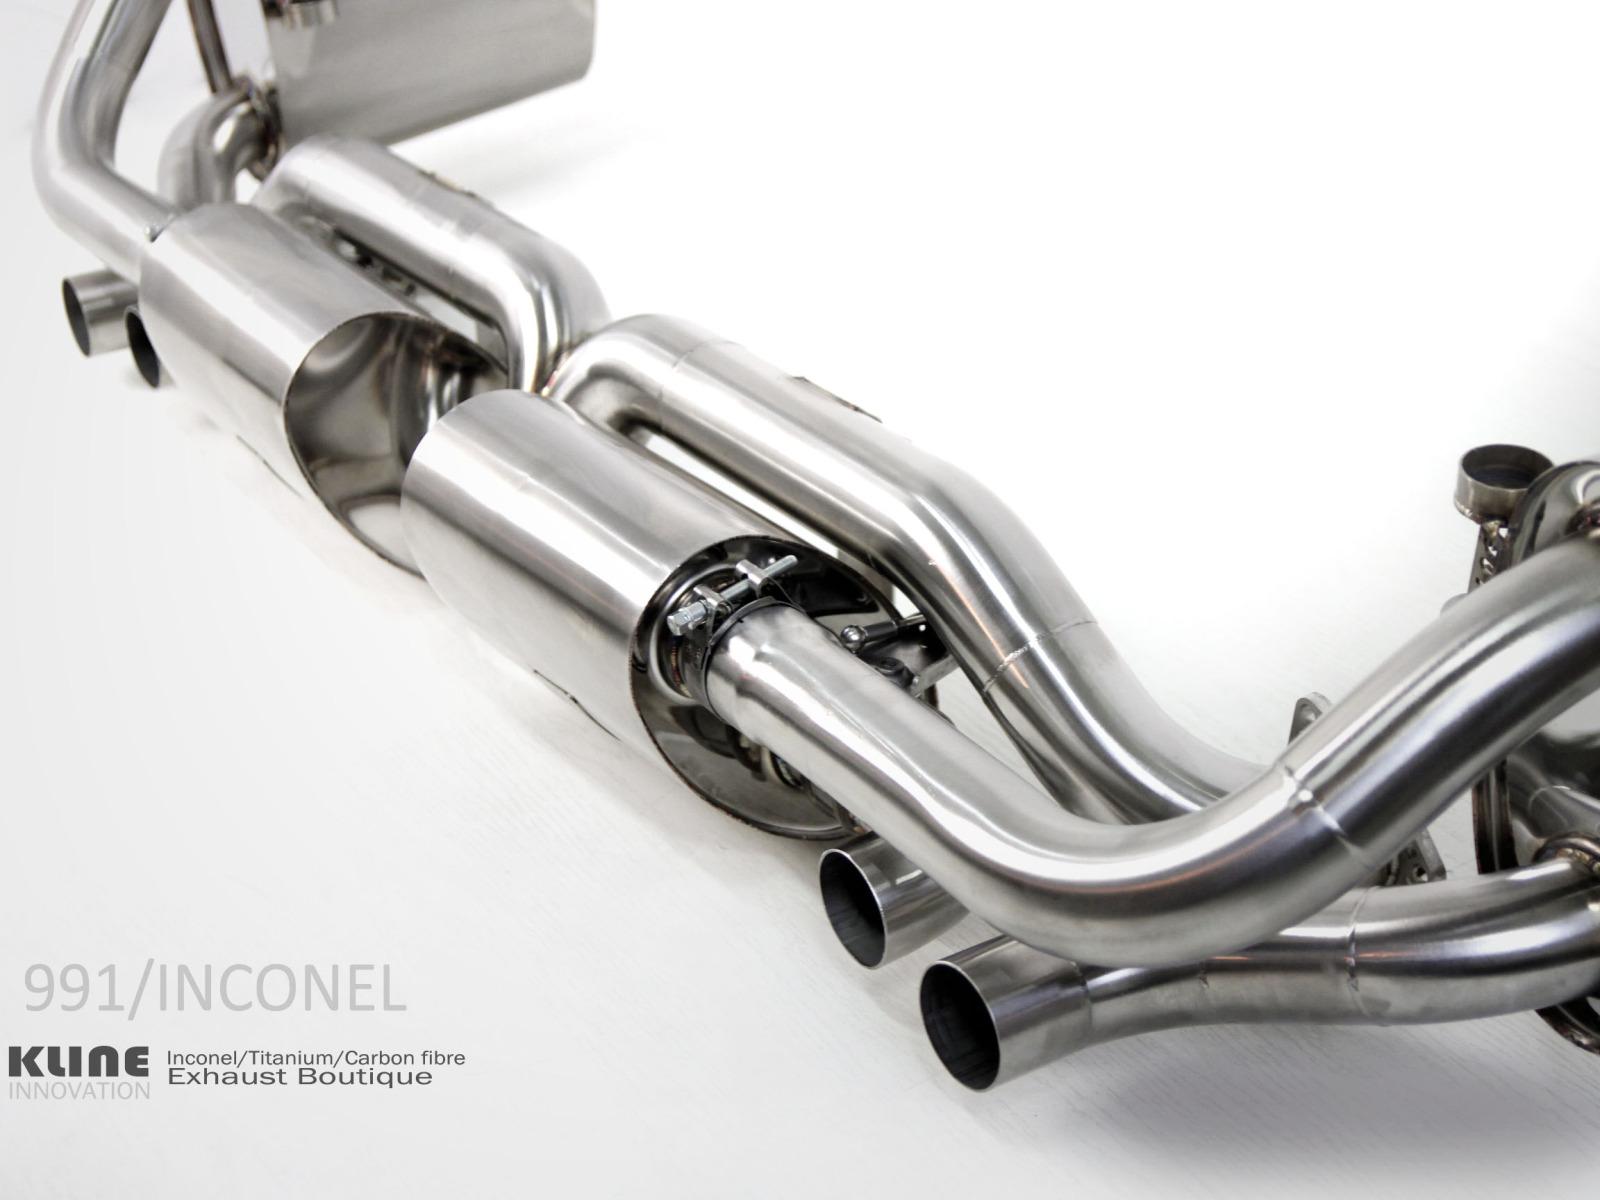 991-inconel-2